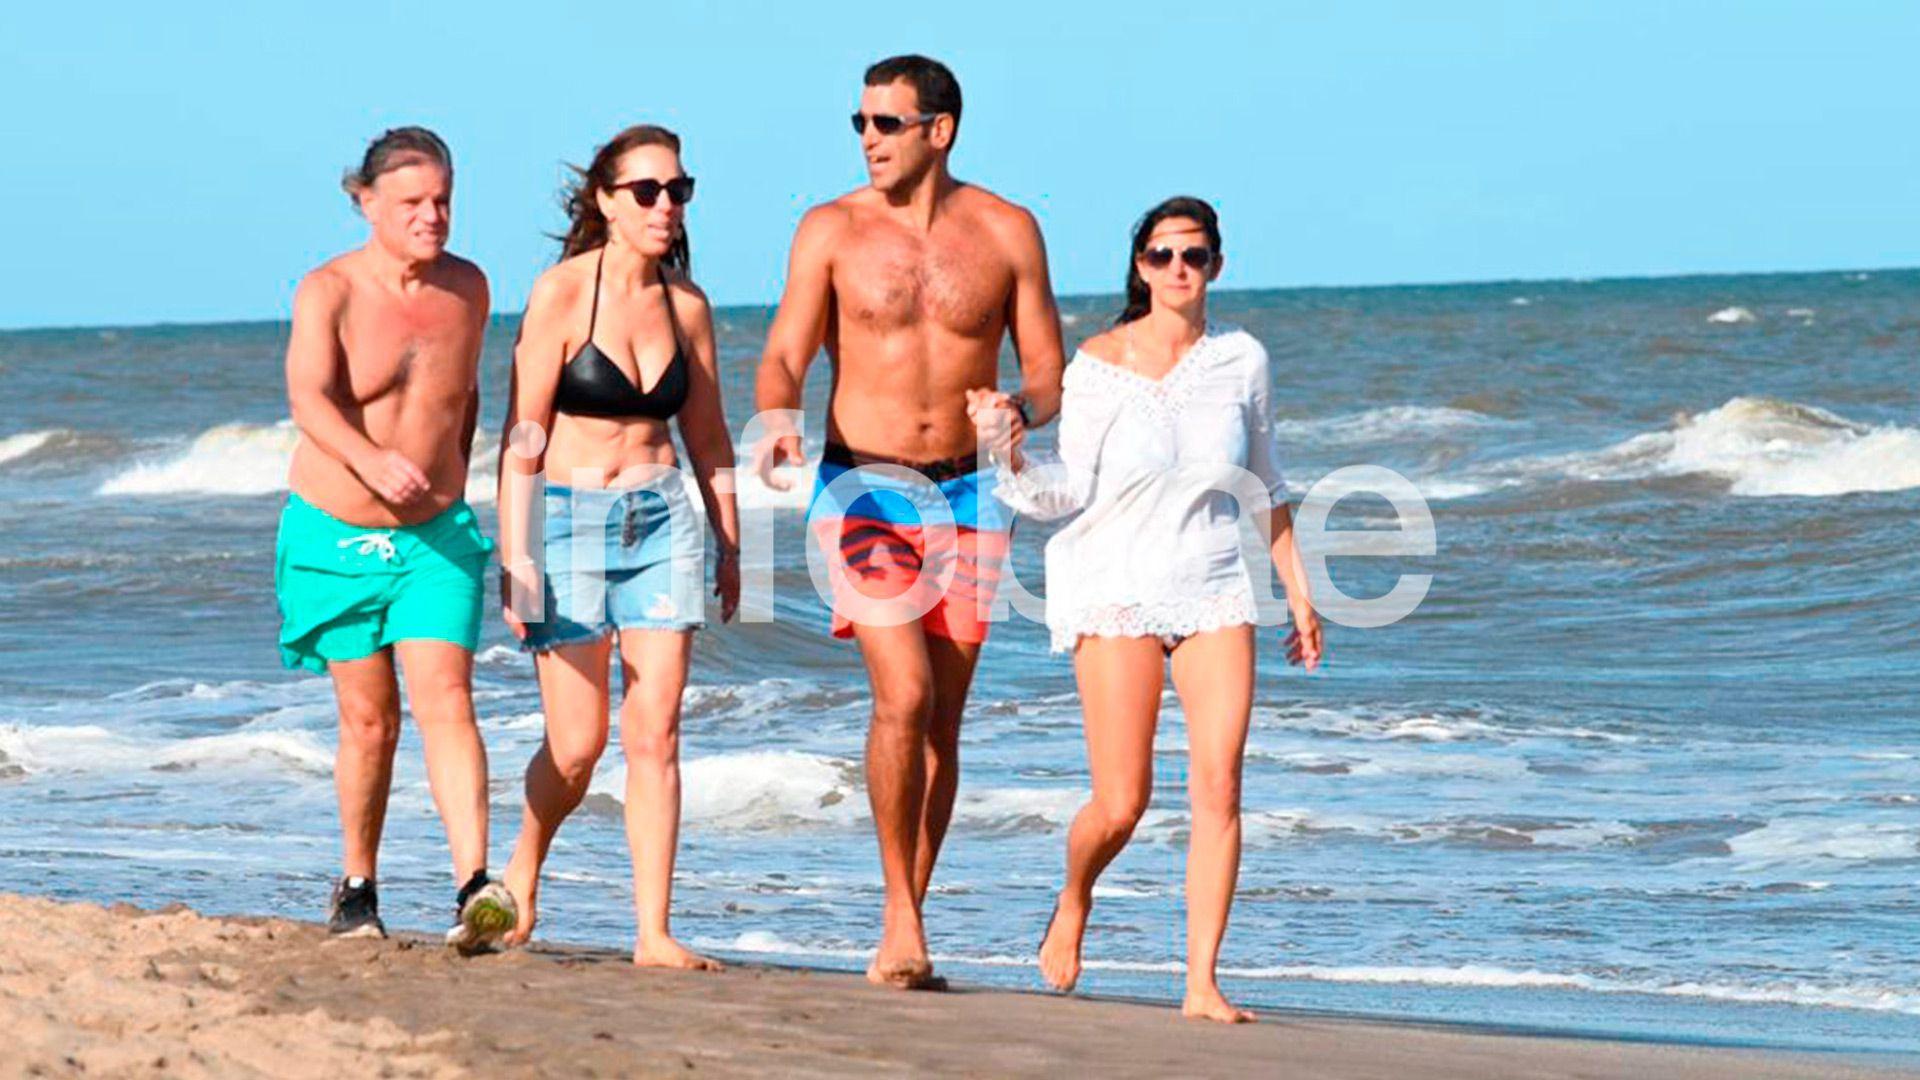 María Eugenia Vidal y Quique Sacco compartieron un fin de semana en la playa después del viaje a París